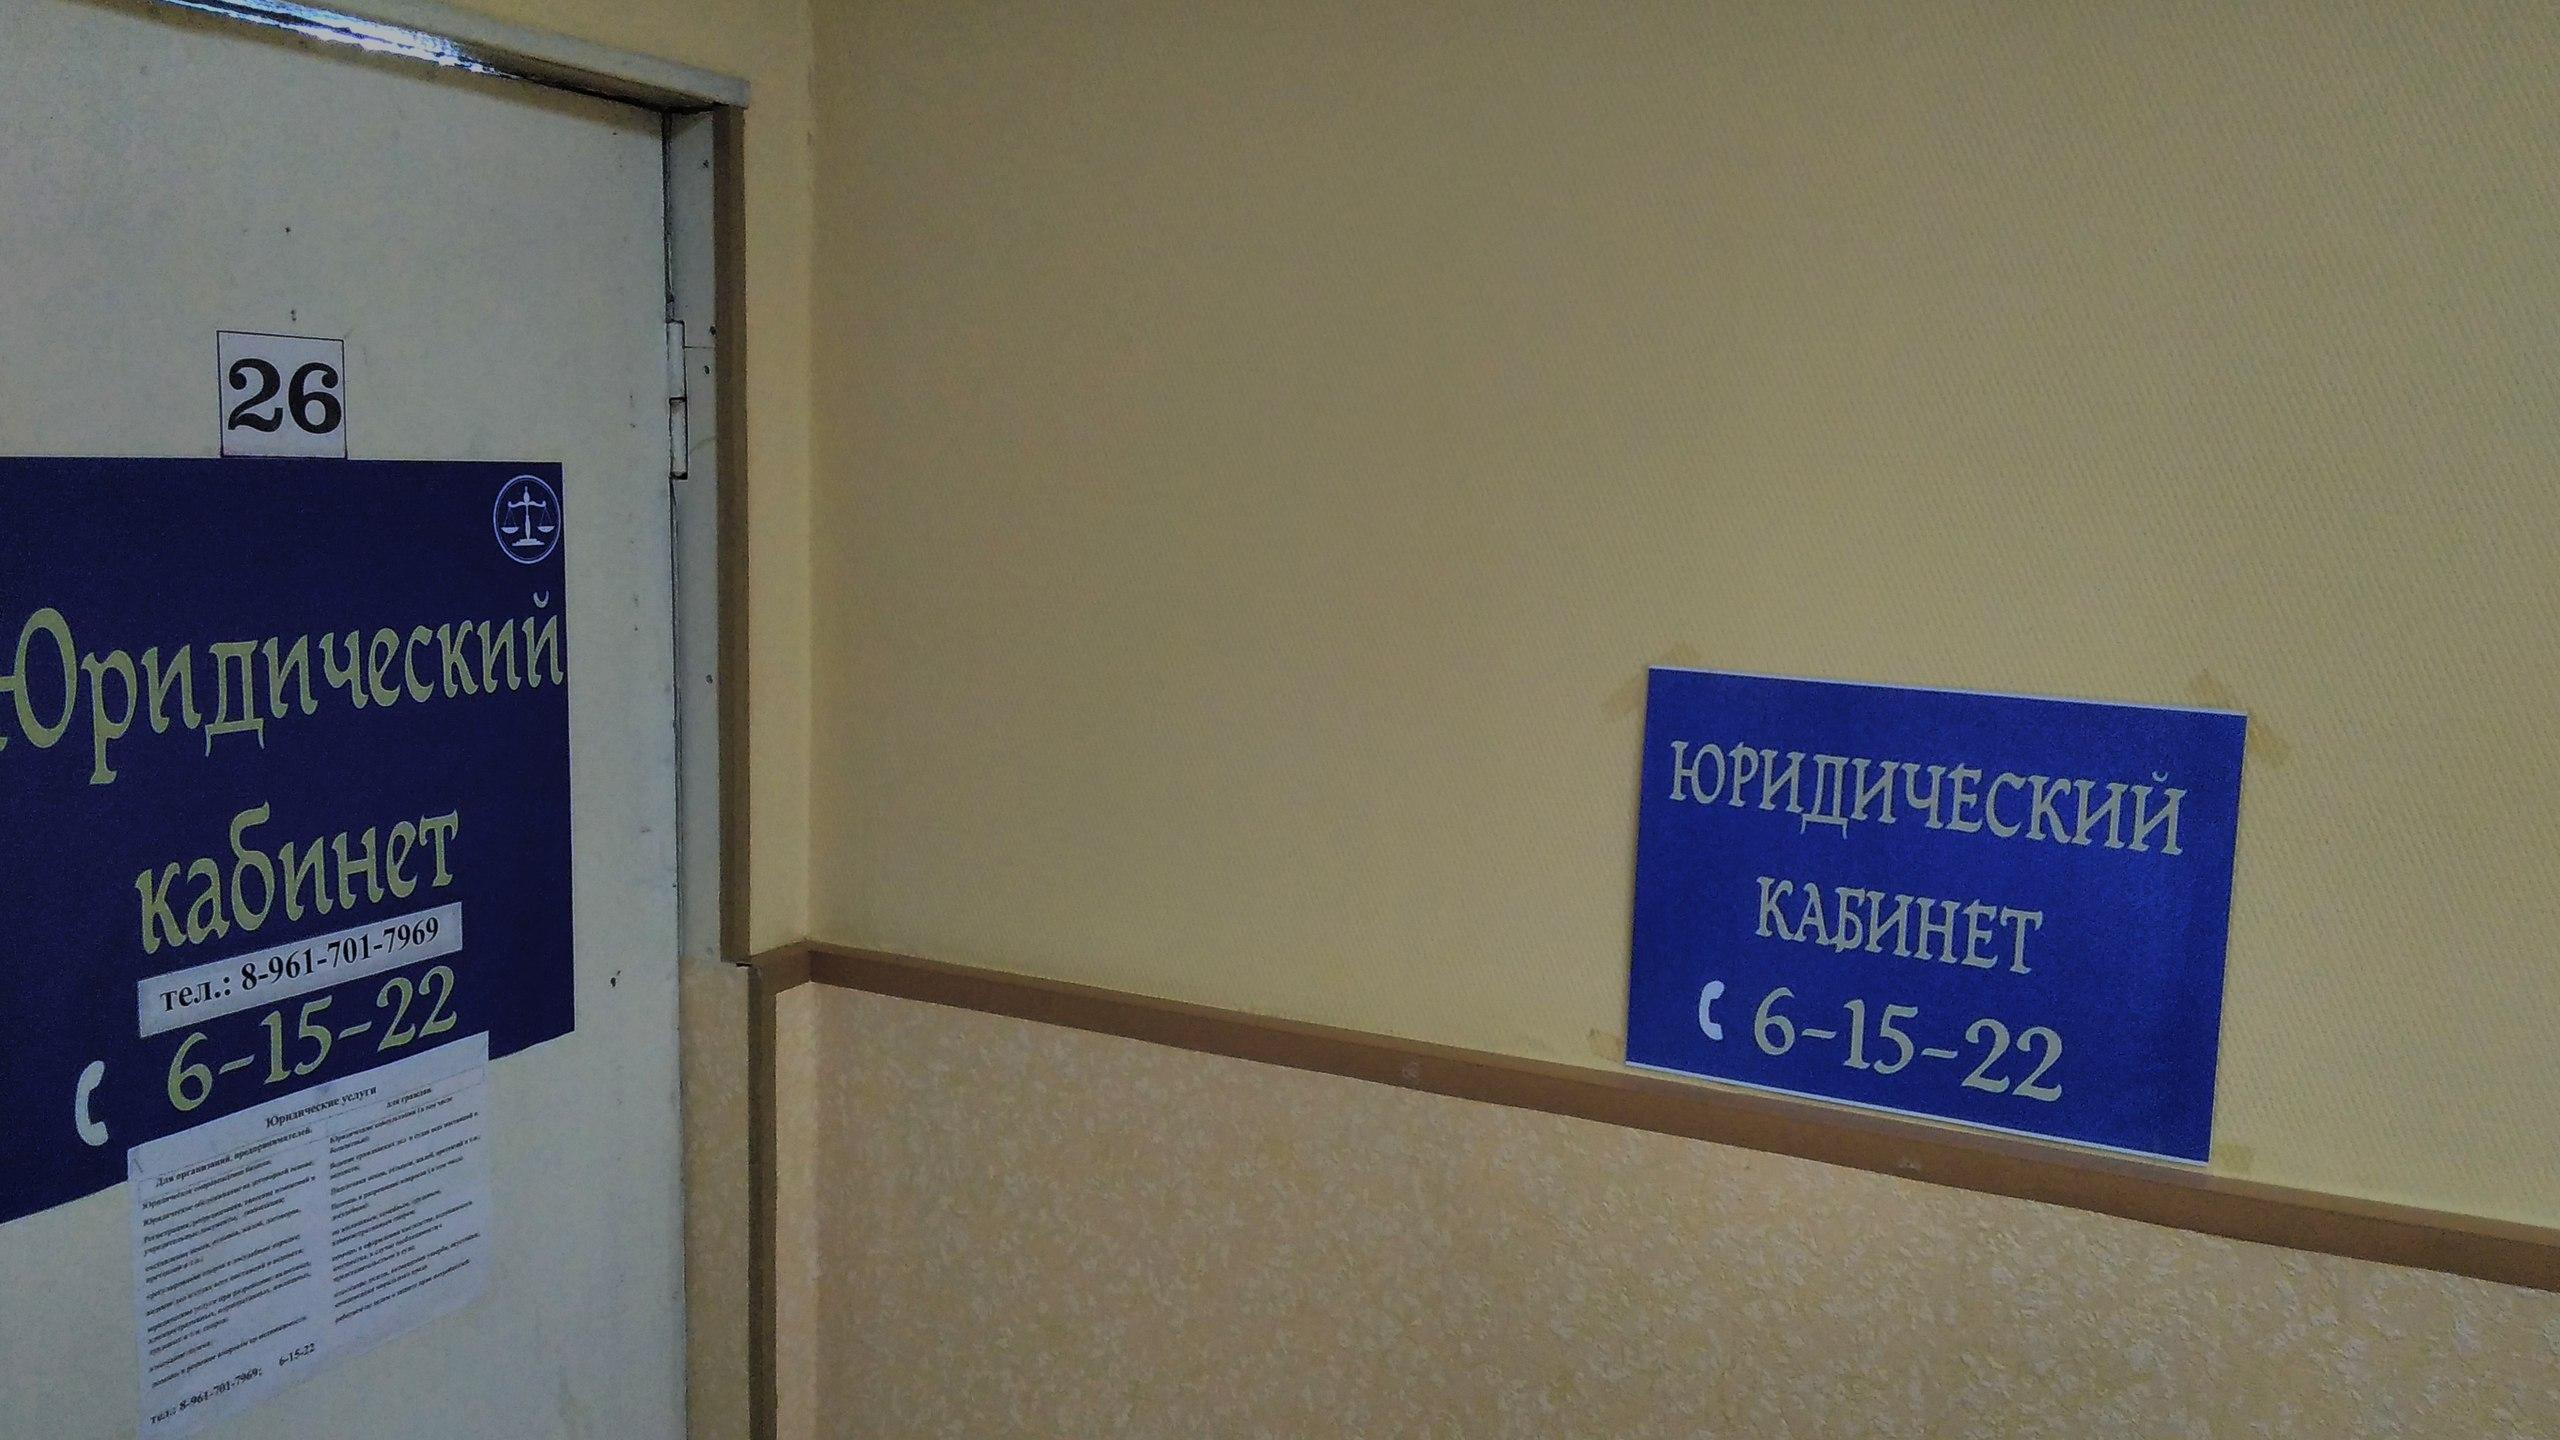 Регистрация ип в юрге регистрация ооо не по месту жительства